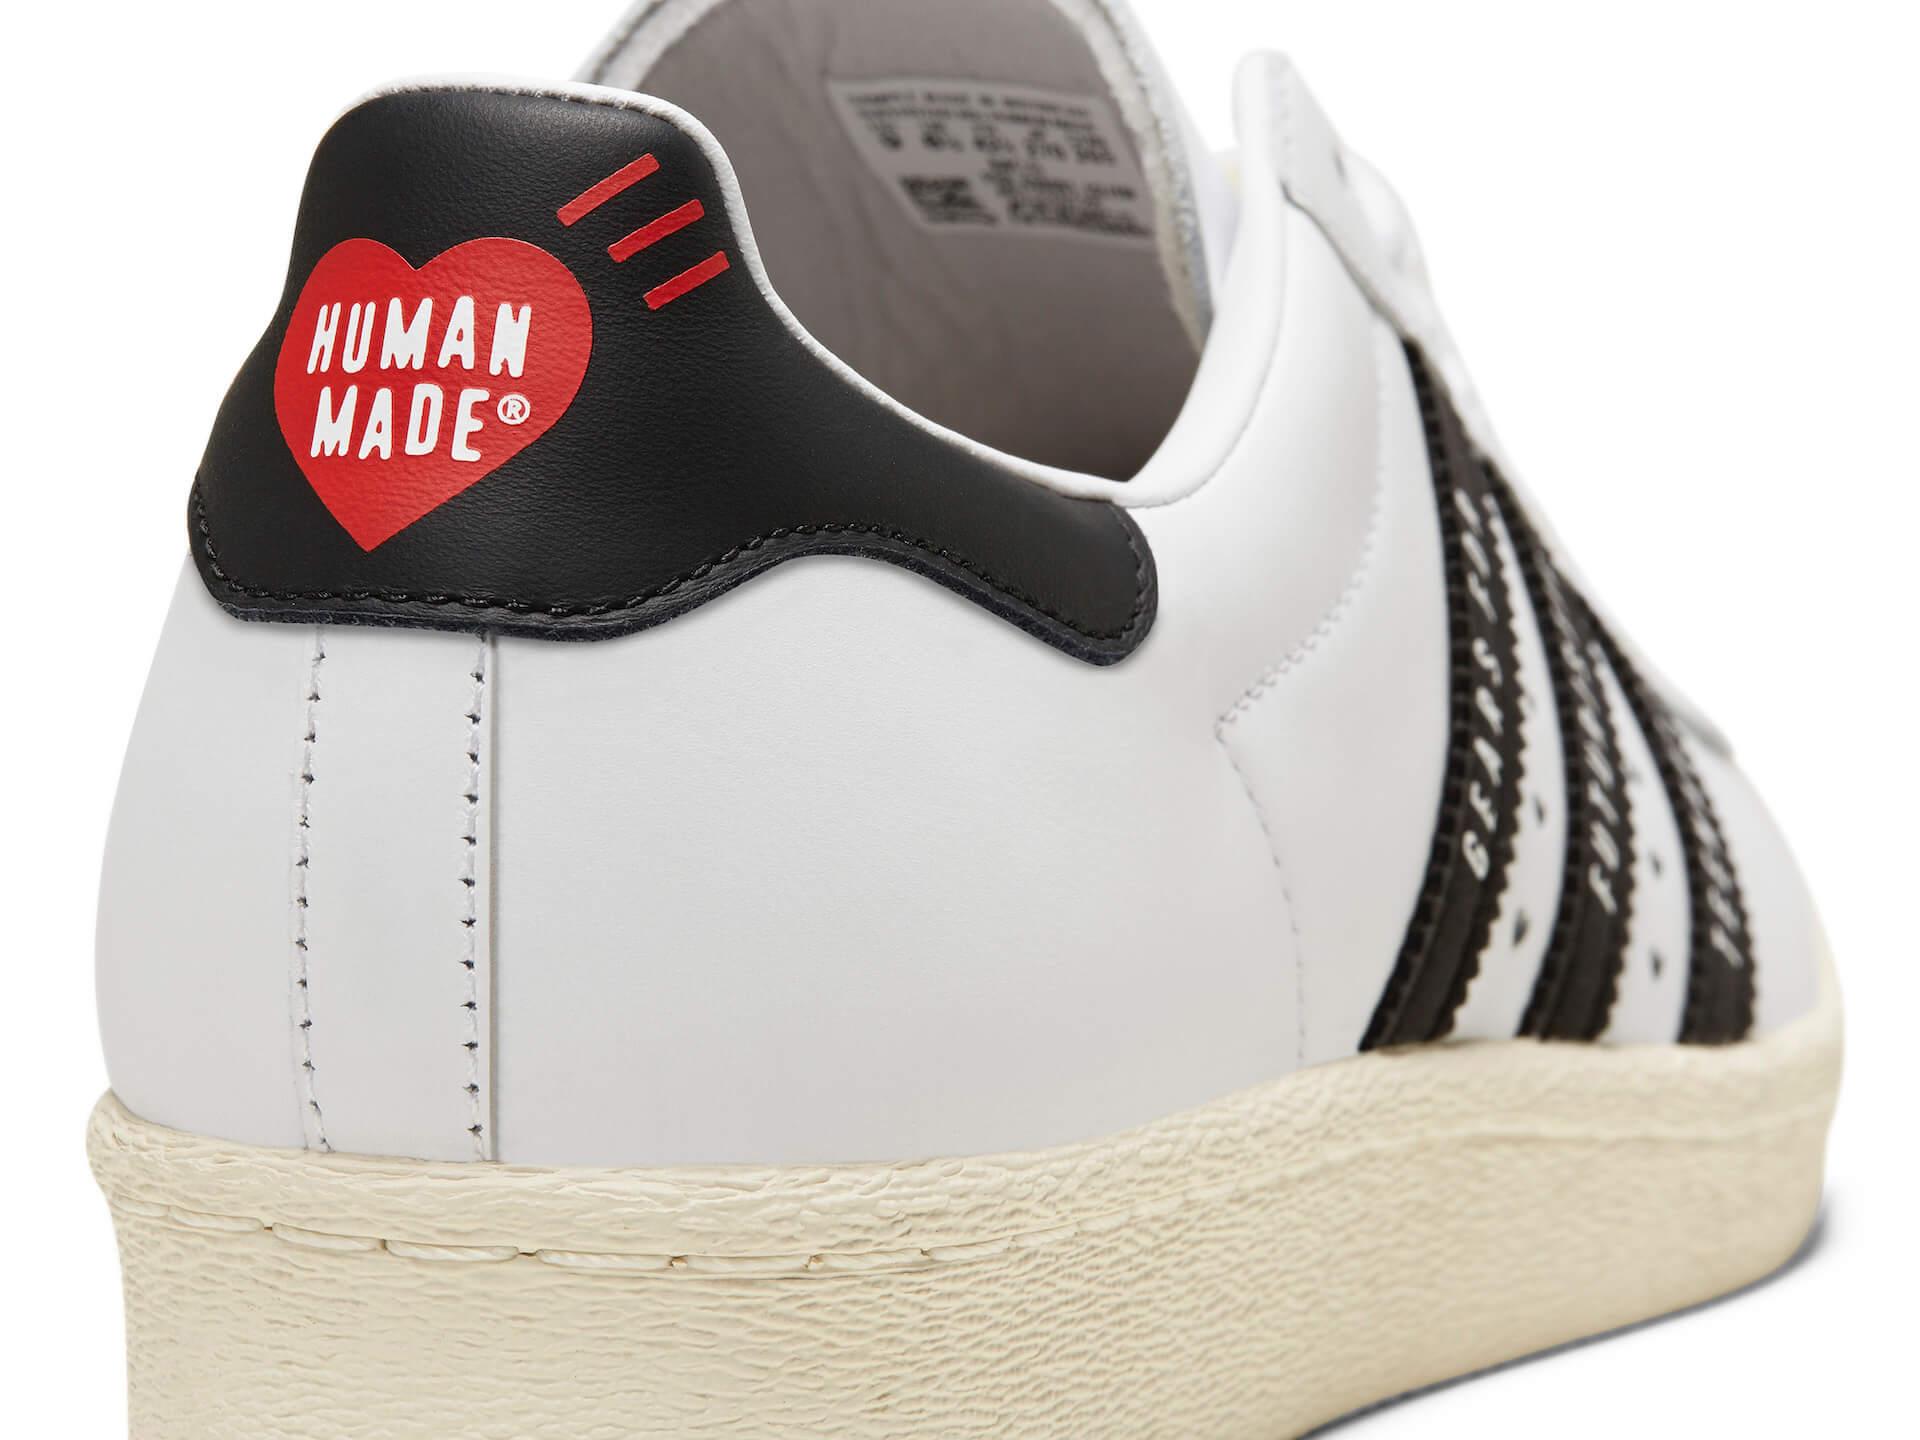 adidas OriginalsとNIGOがコラボ!ハートロゴがあしらわれた『SUPERSTAR』が発売 lf200417_adidashumanmade_07